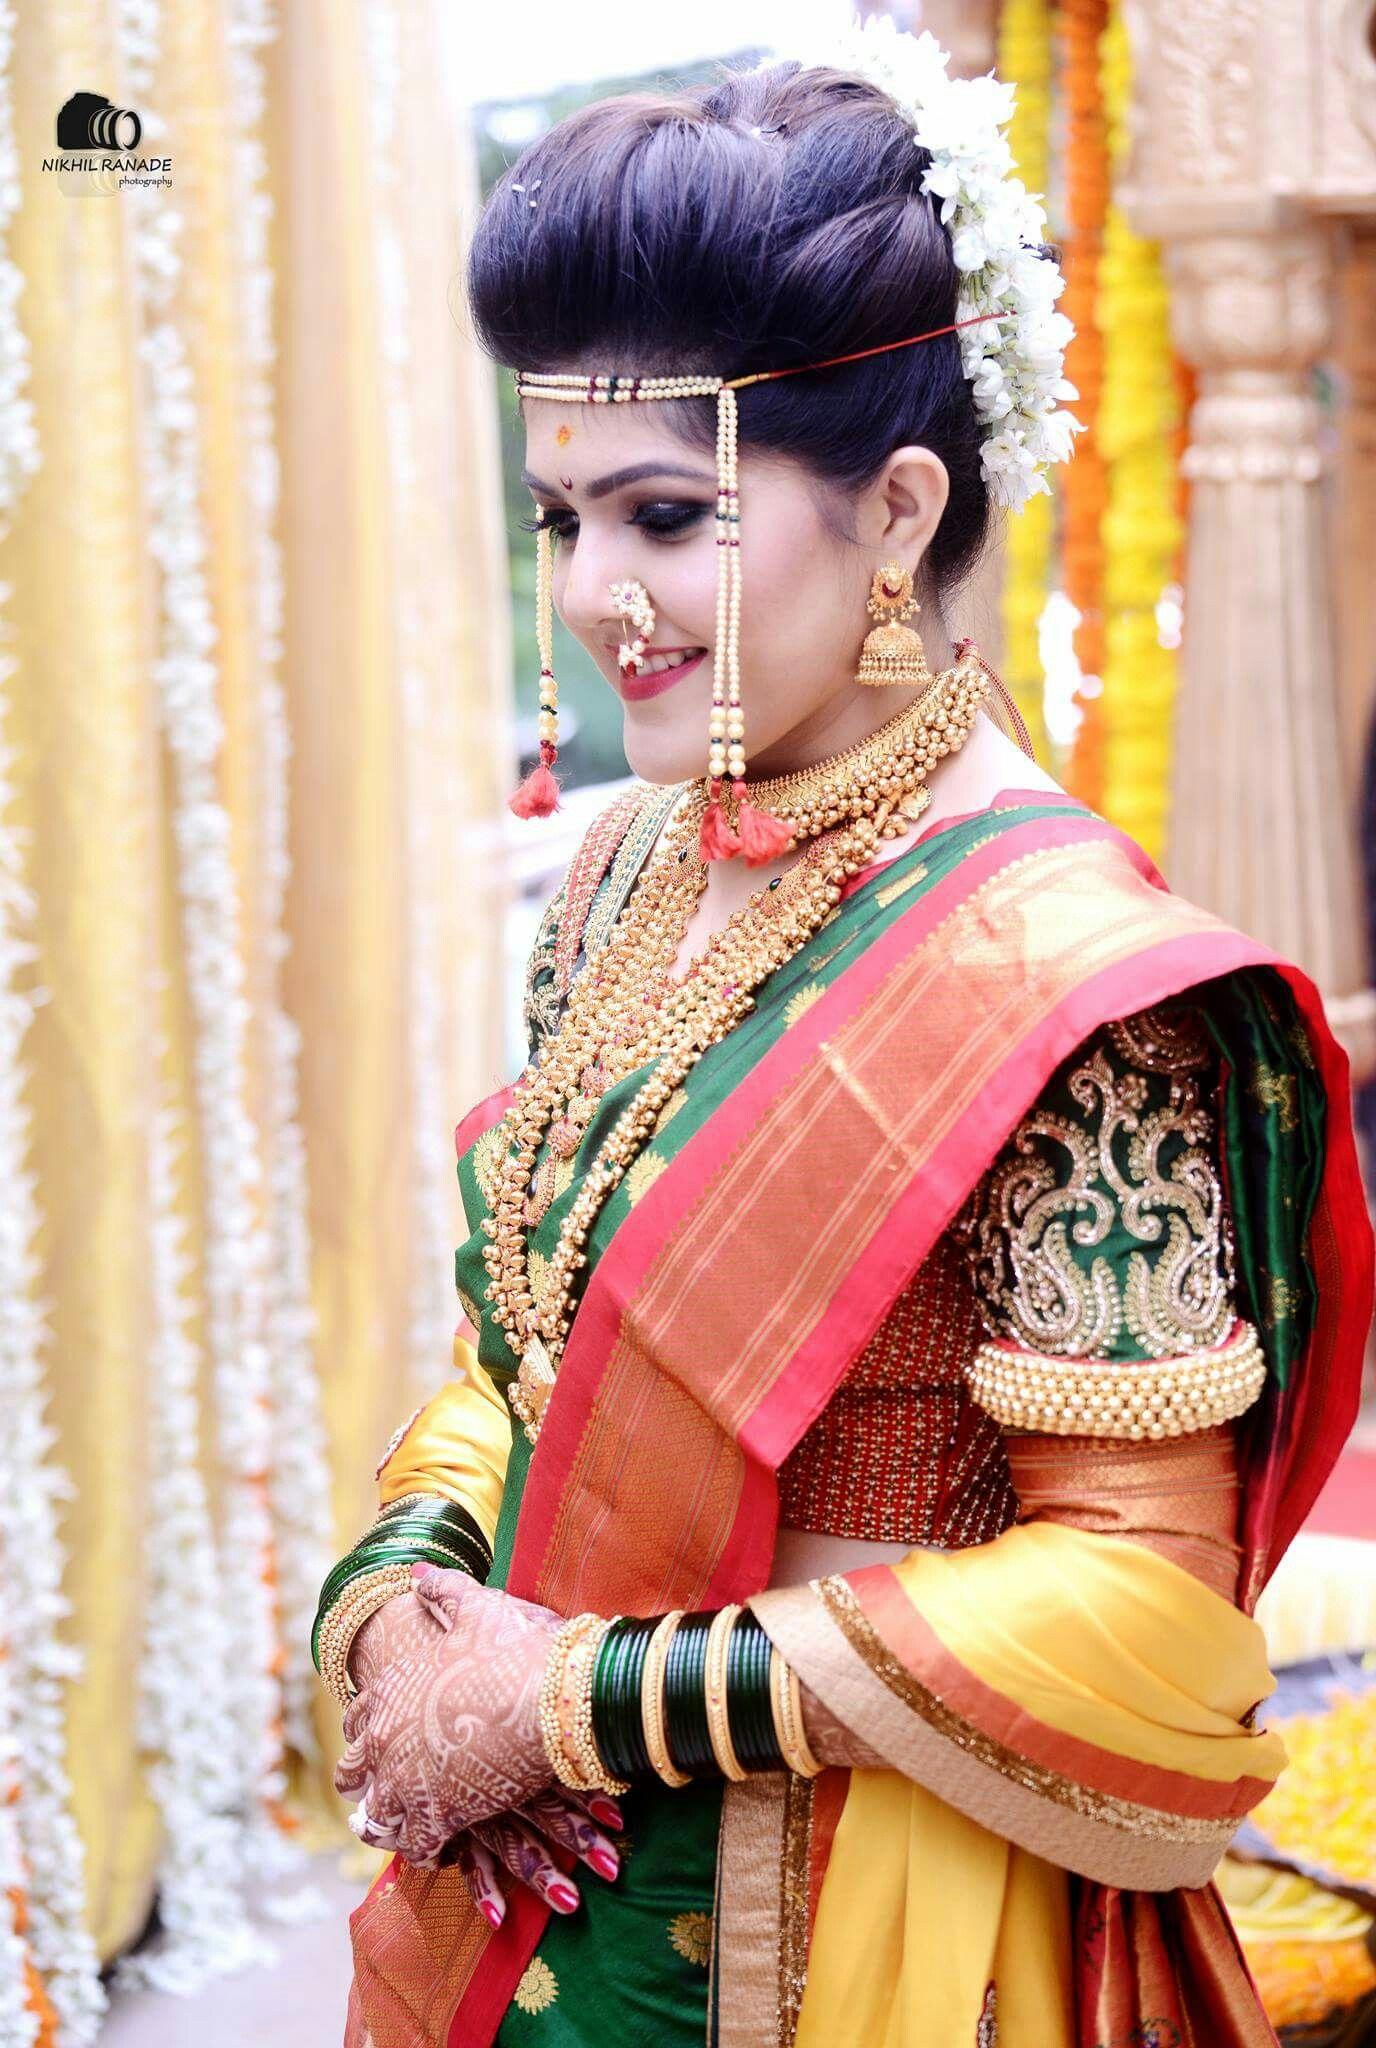 Maharashtrian wedding -Marathi couple - Nauwari saree ...  |Hindu Marathi Wedding